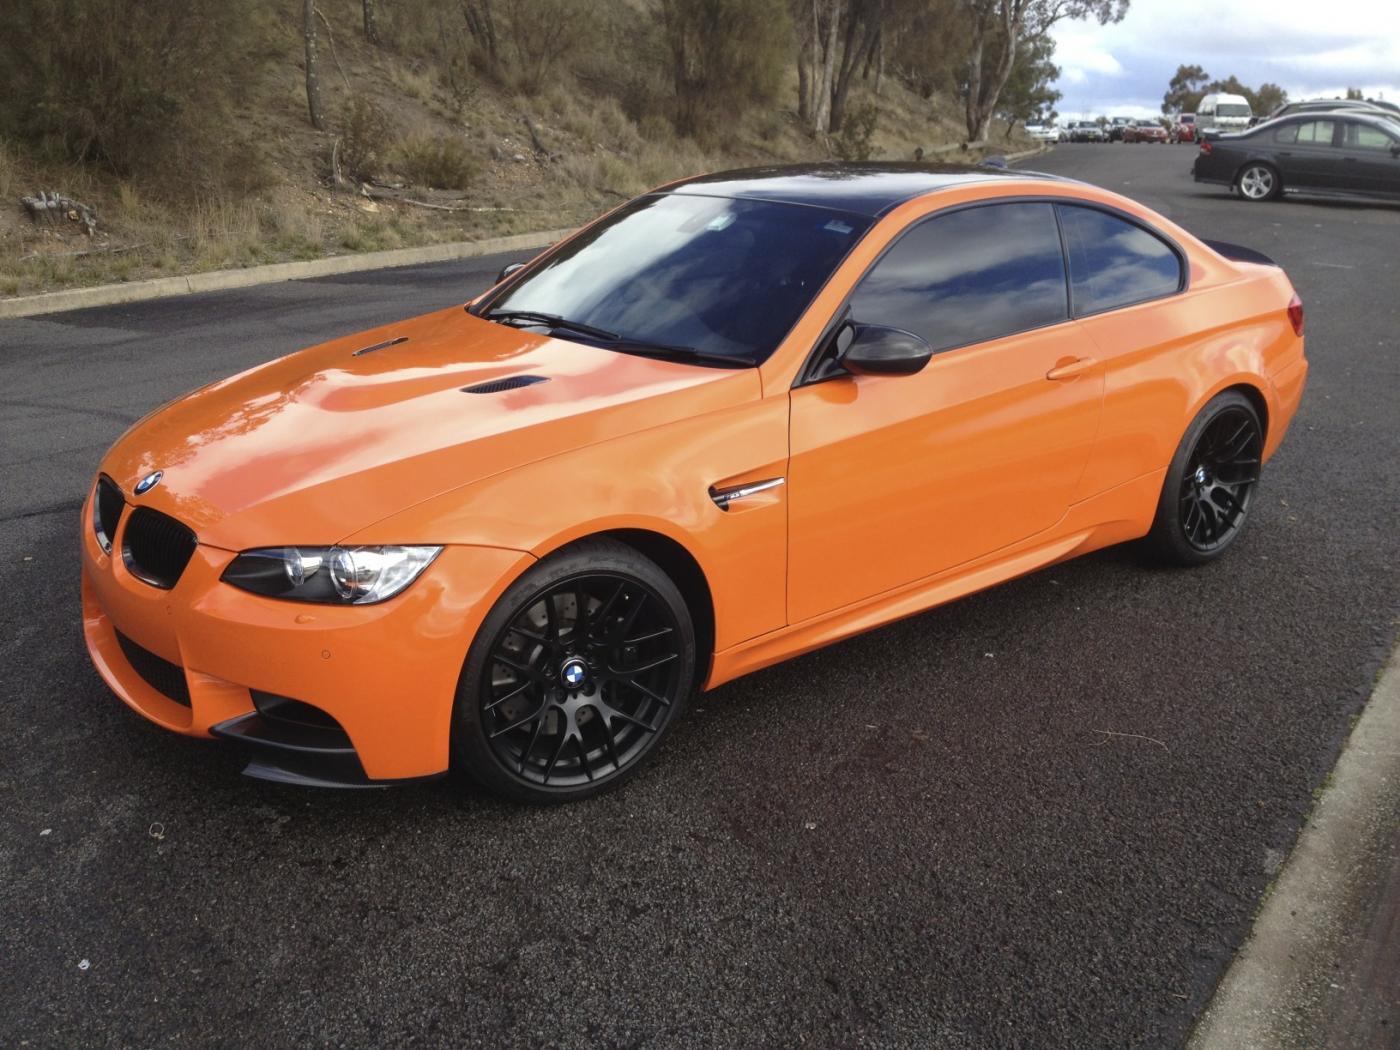 E92 Fire Orange